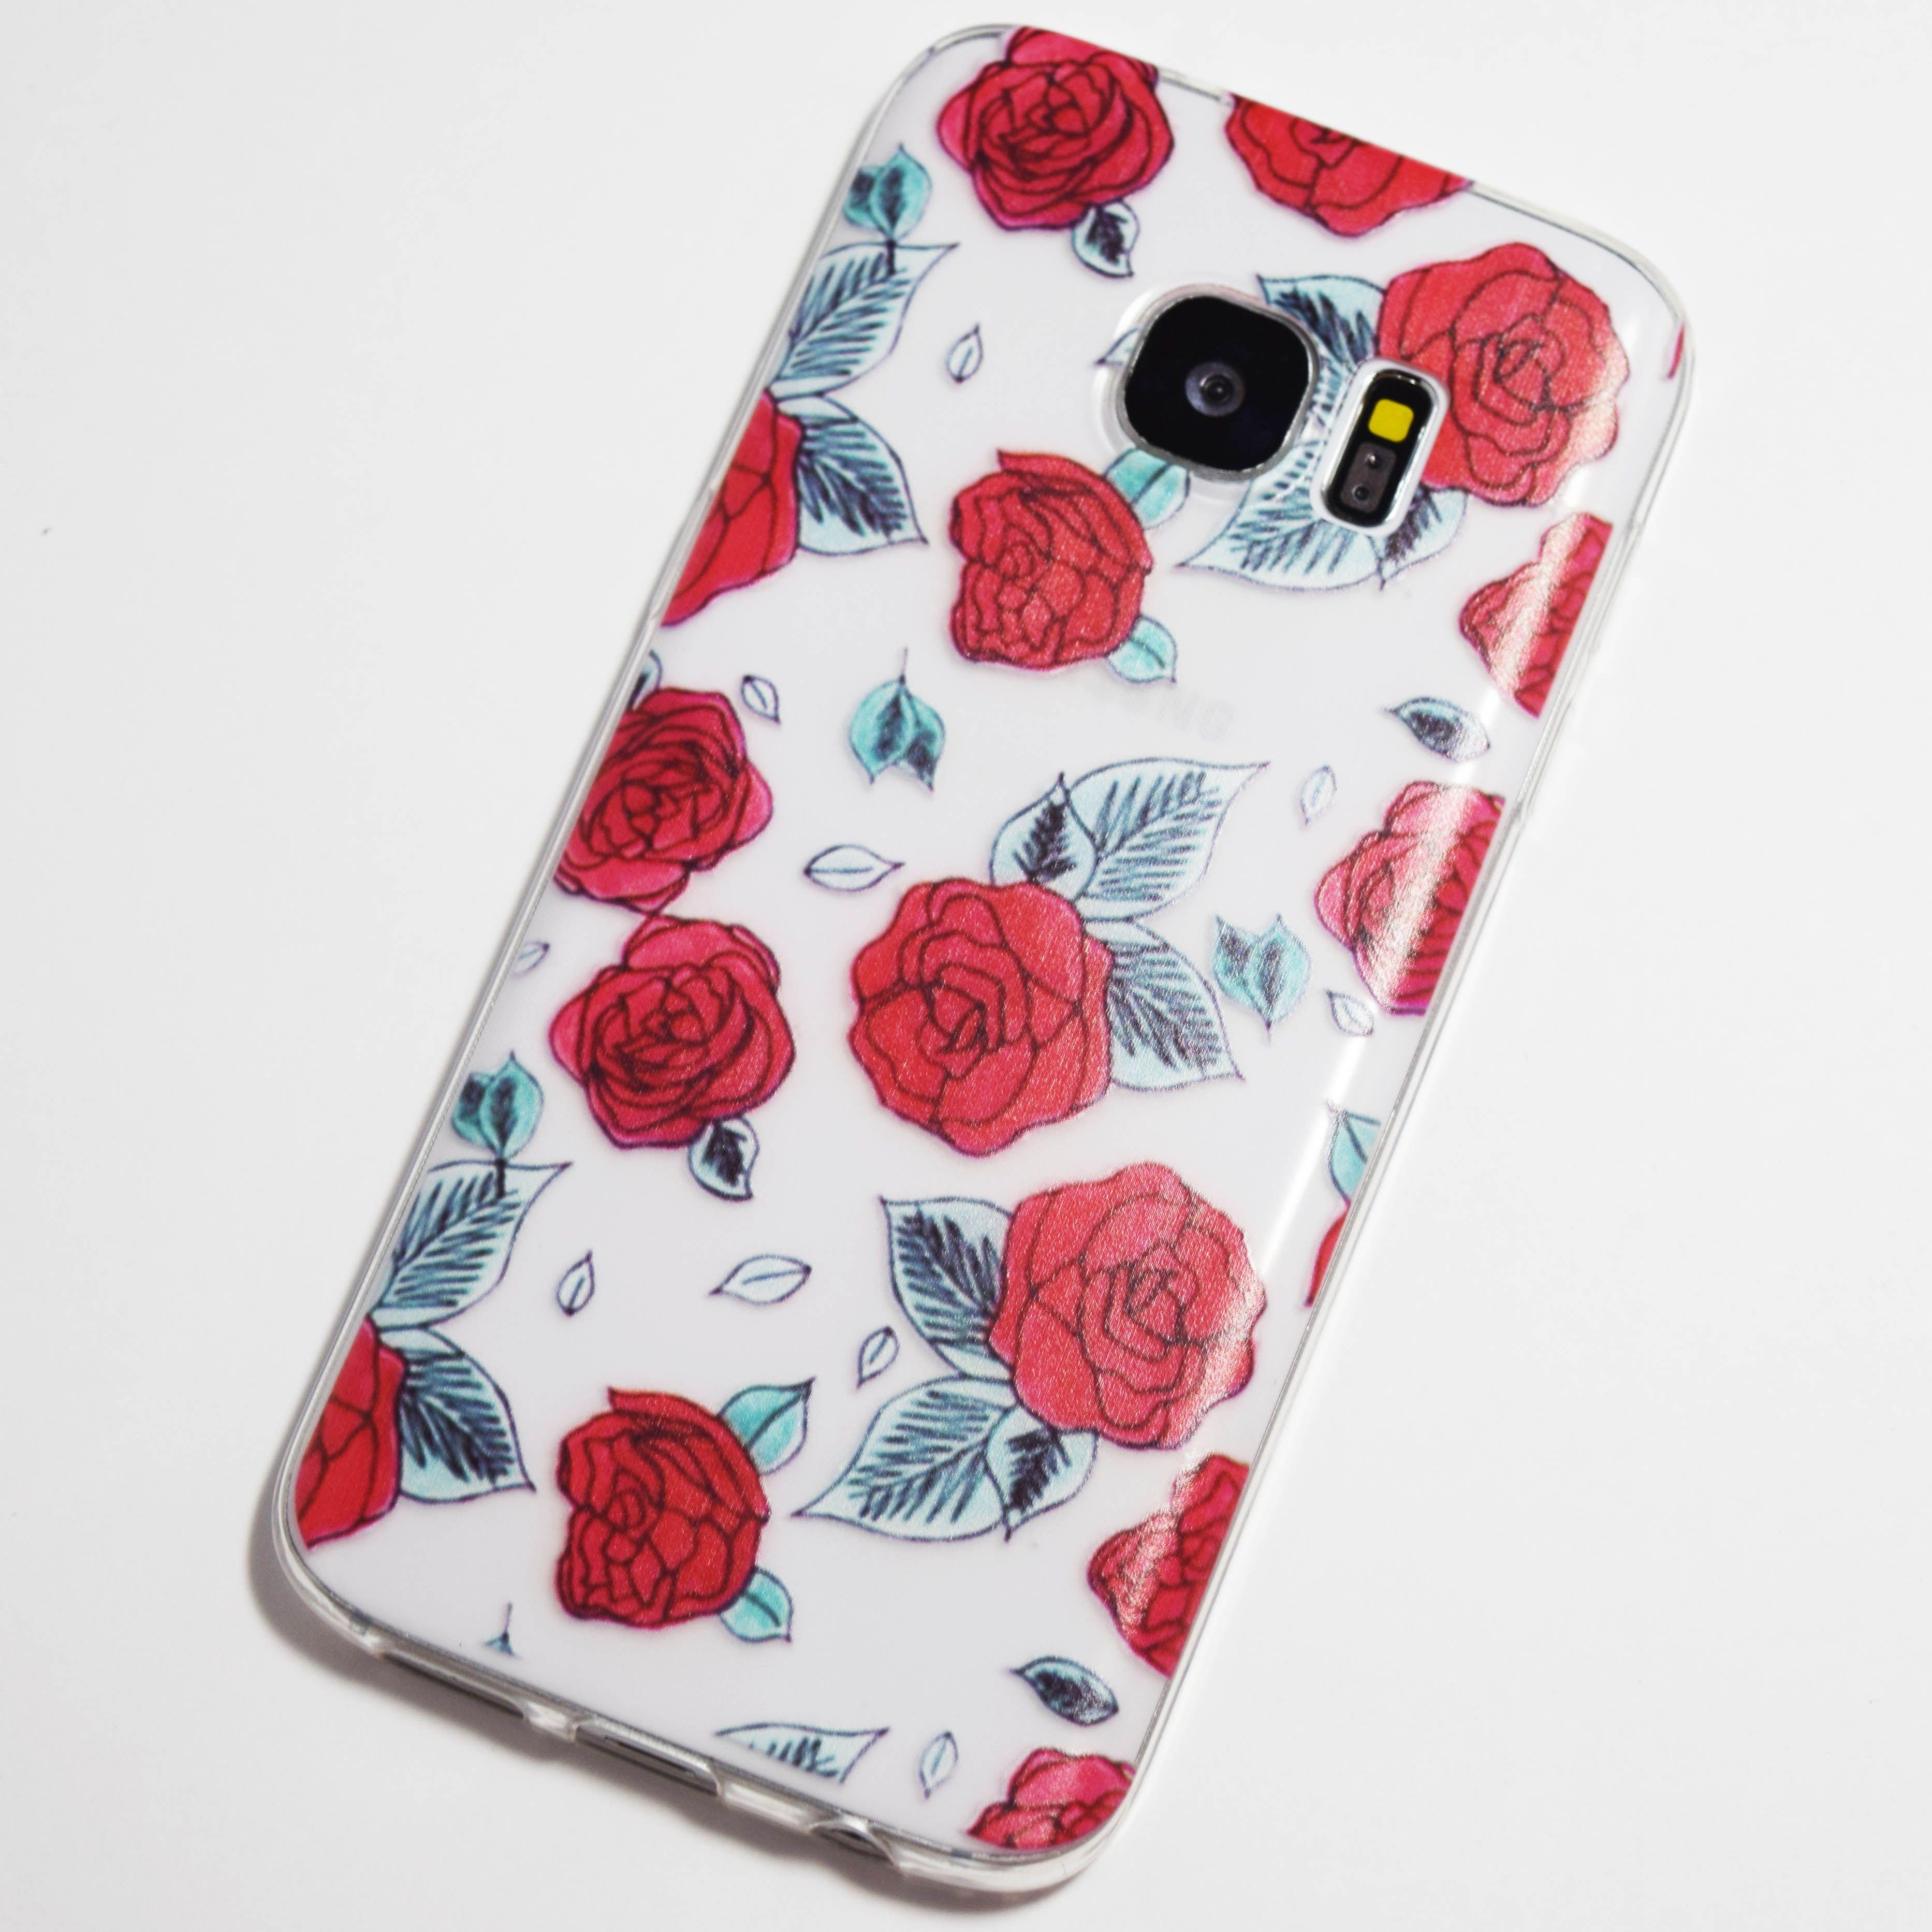 Red roses samsung galaxy s7 case retailite samsung